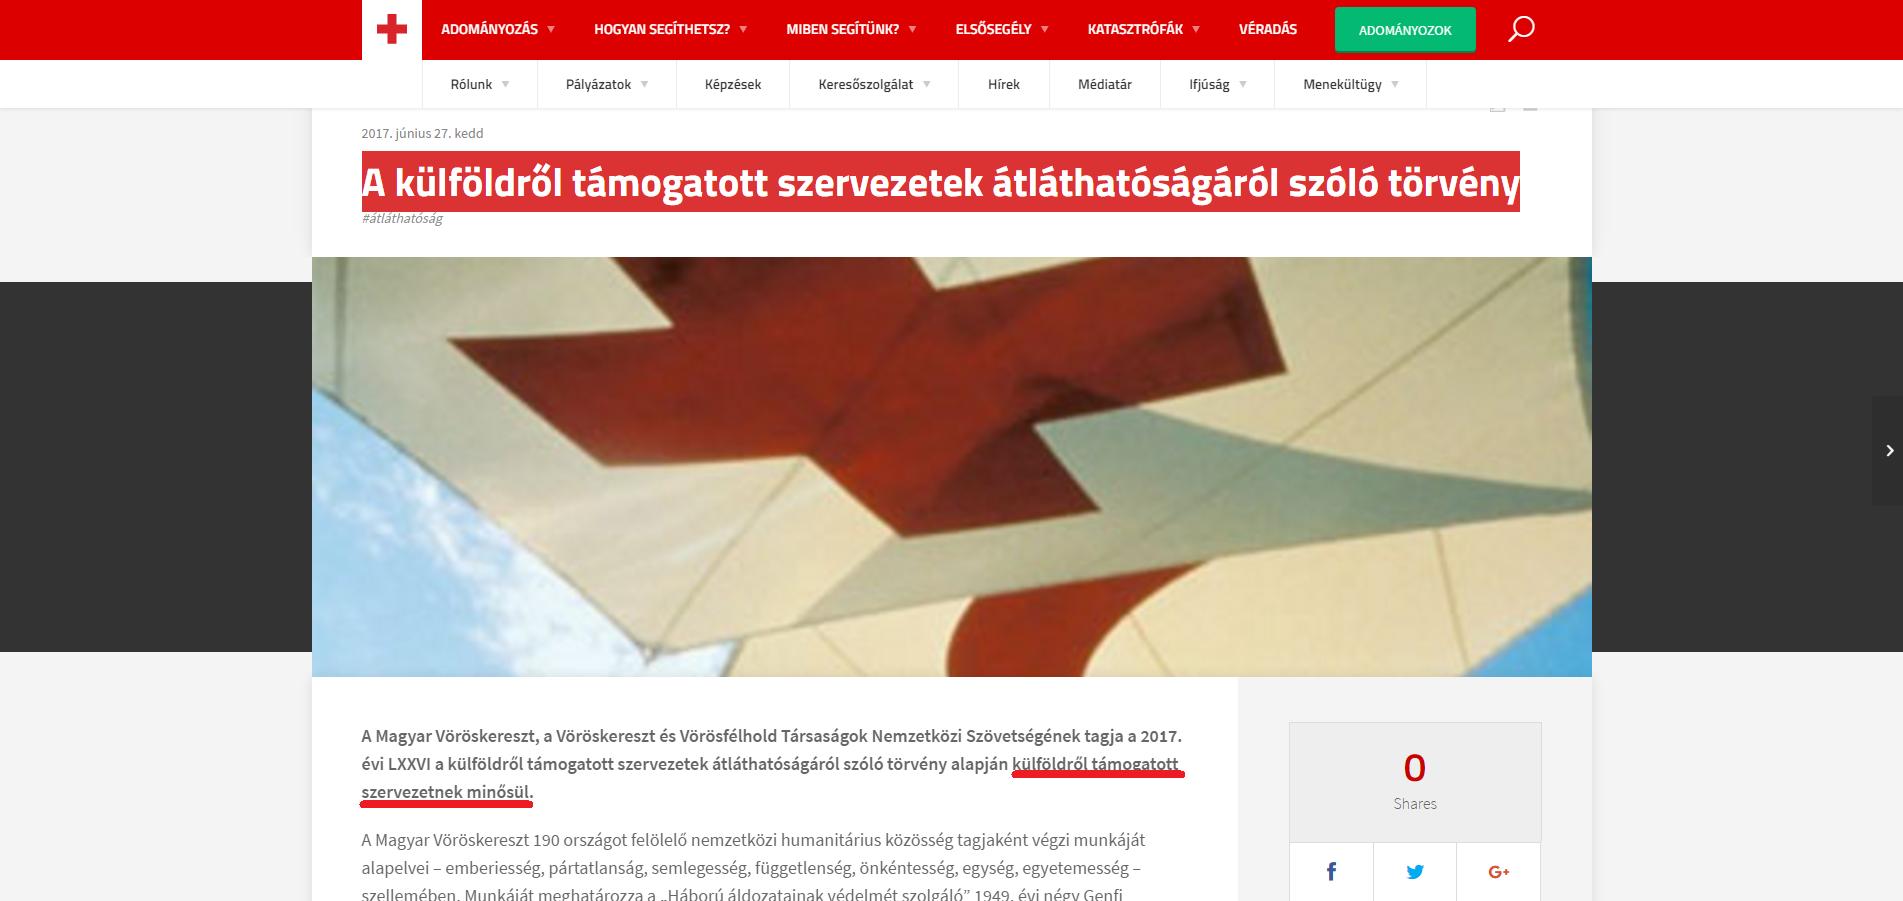 Már meg is van az első külföldről támogatott civil szervezet, a Magyar Vöröskereszt külön logót is csináltatott, hogy megfeleljen az új törvénynek